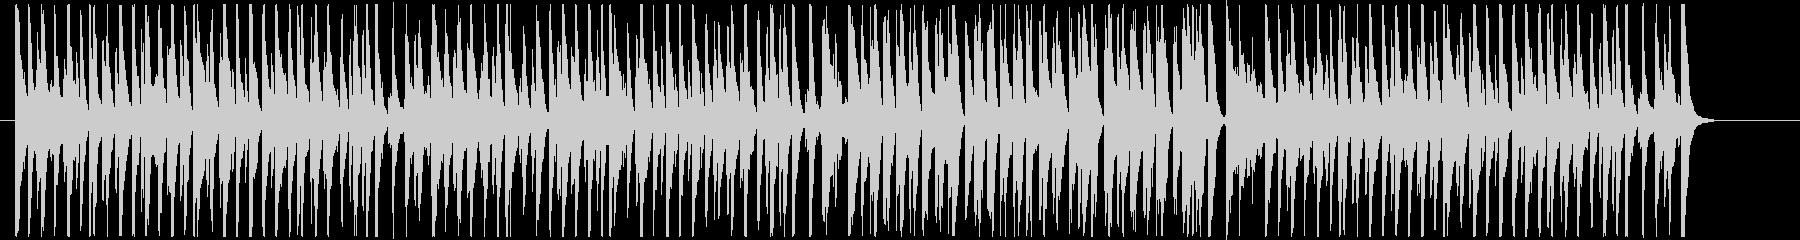 コミカル_Aの未再生の波形